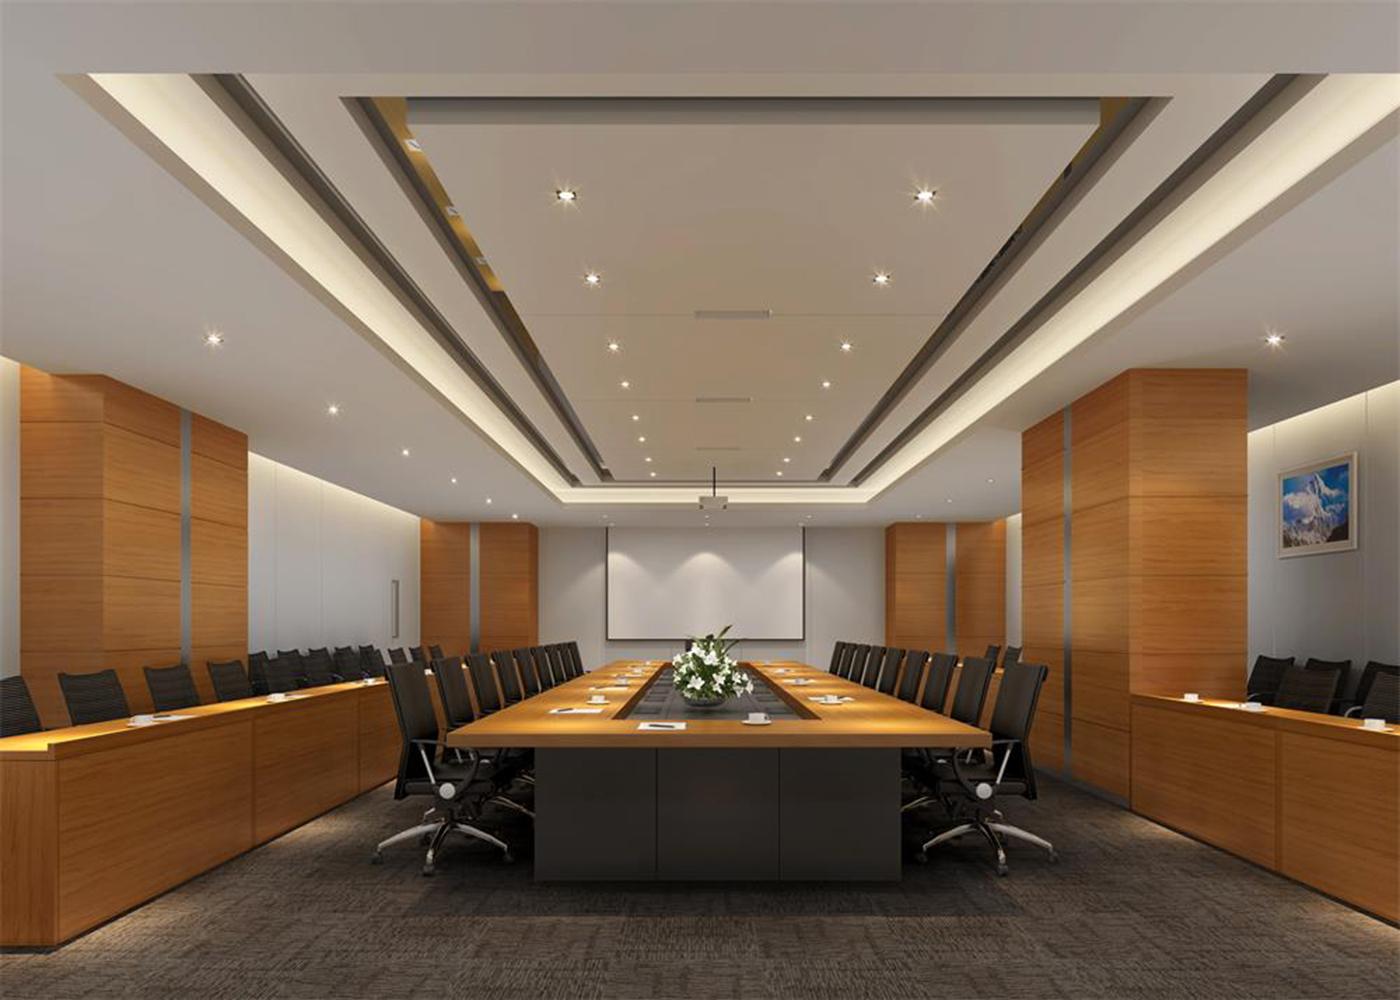 贝尔特会议桌A13,上海会议桌,【尺寸 价格 图片 品牌】